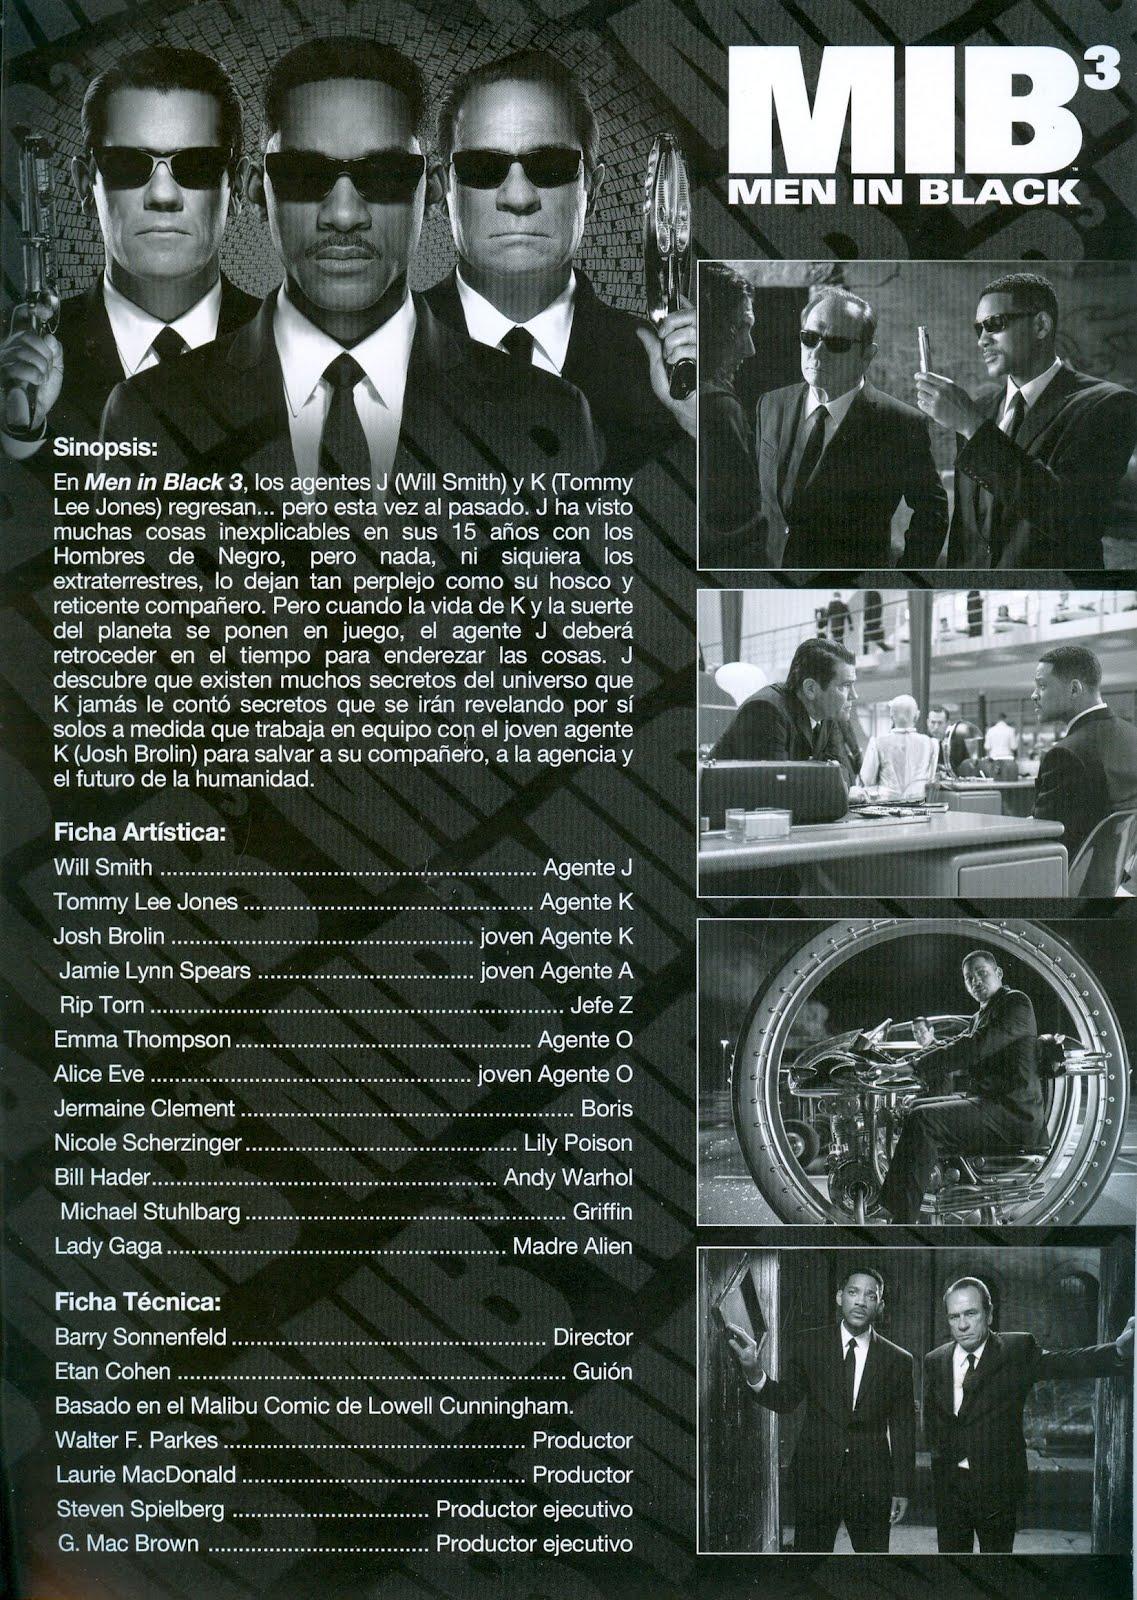 http://4.bp.blogspot.com/-2pdV4nXUNwM/T5esvw8PgUI/AAAAAAAAJhc/v7Fnn1Z-XIo/s1600/Men_In_Black_3_guia.jpg